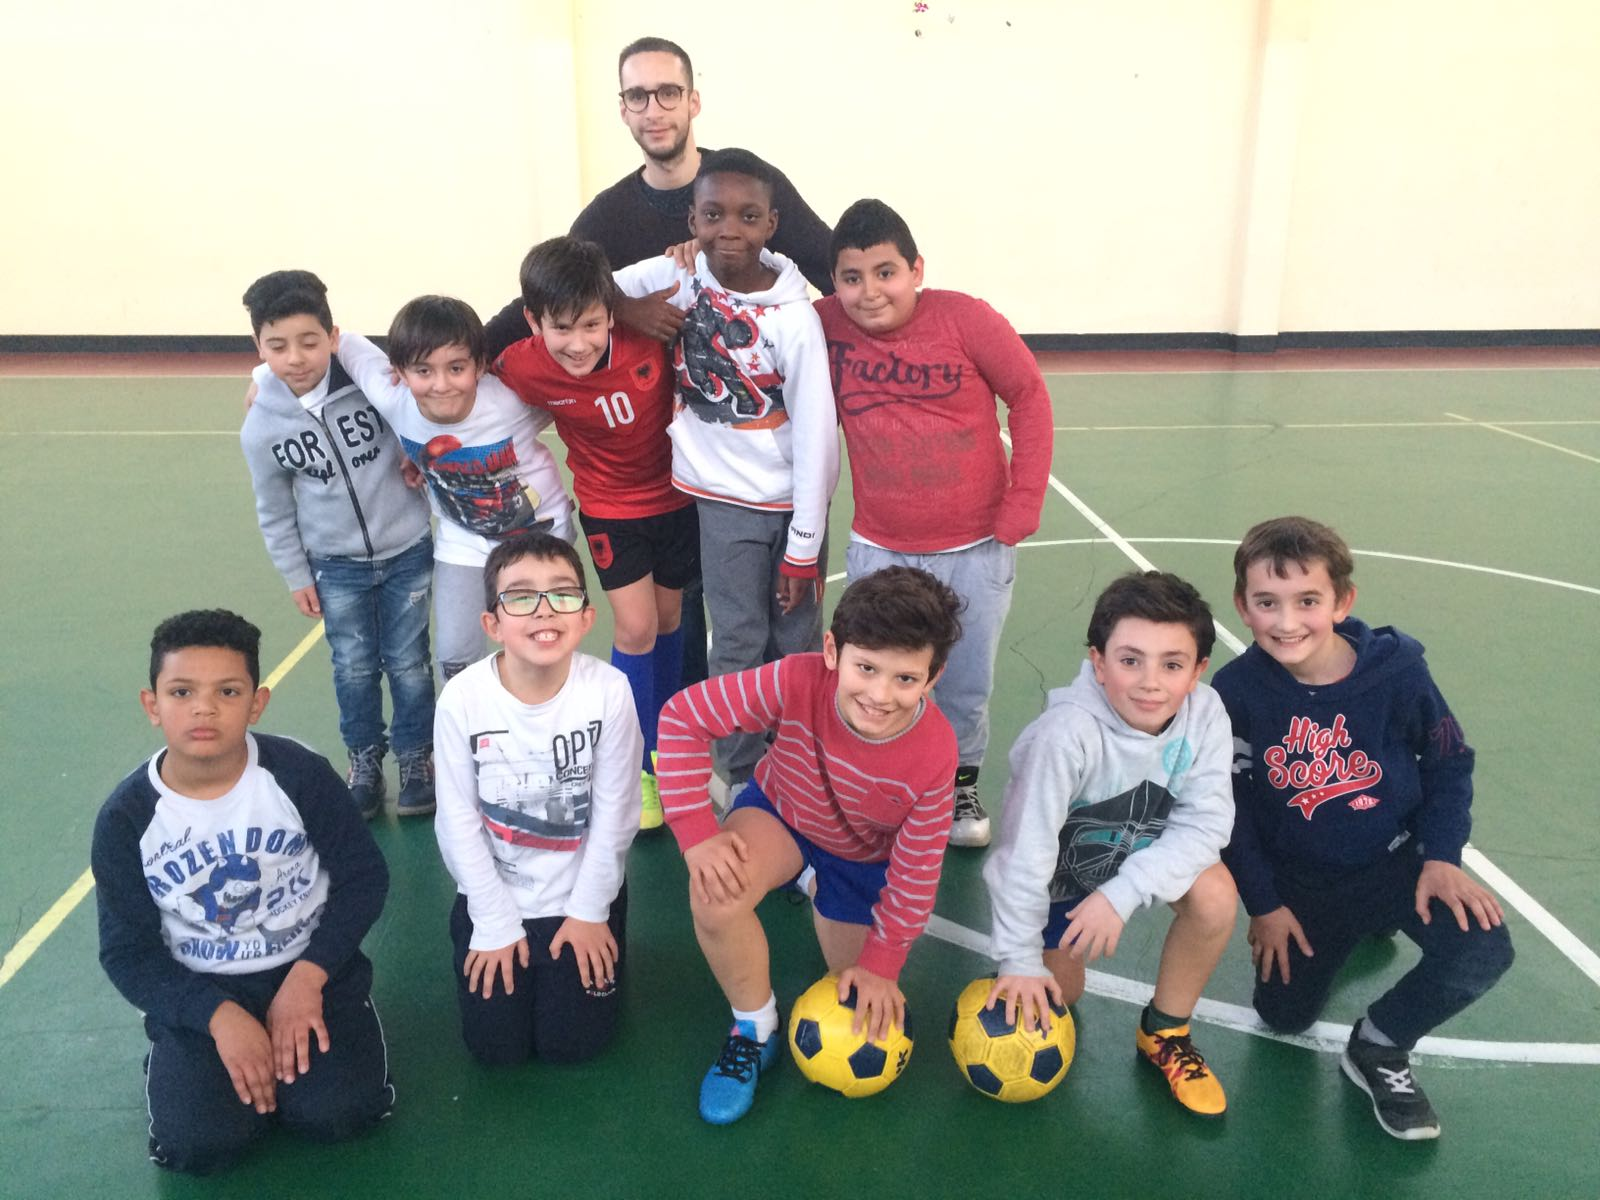 Omi Academy (14)